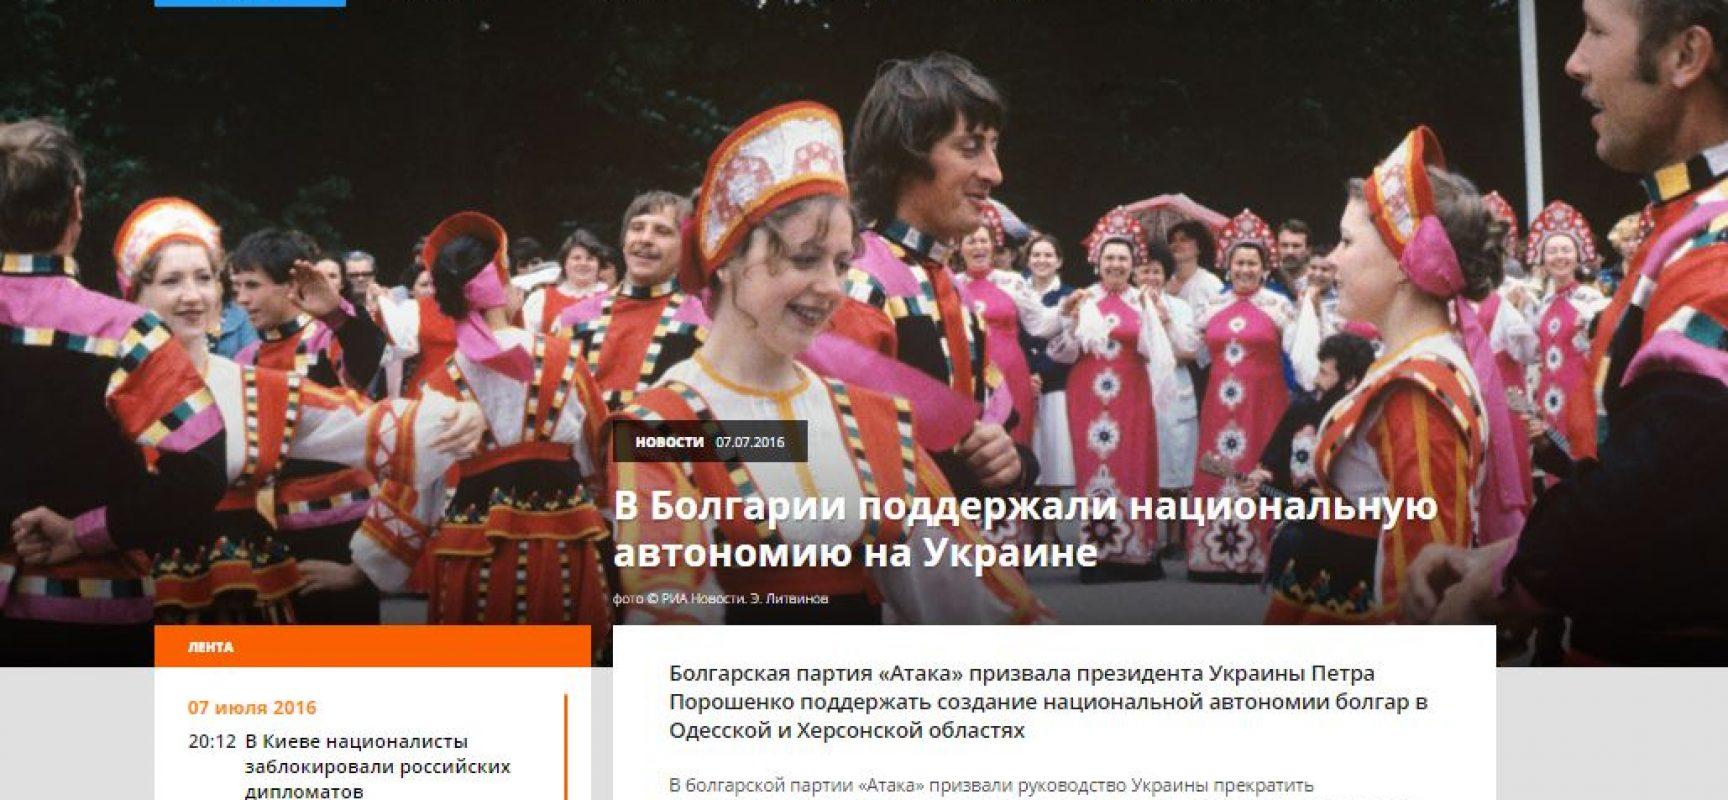 Fake: La Bulgaria sostiene l'autonomia nazionale in Ucraina